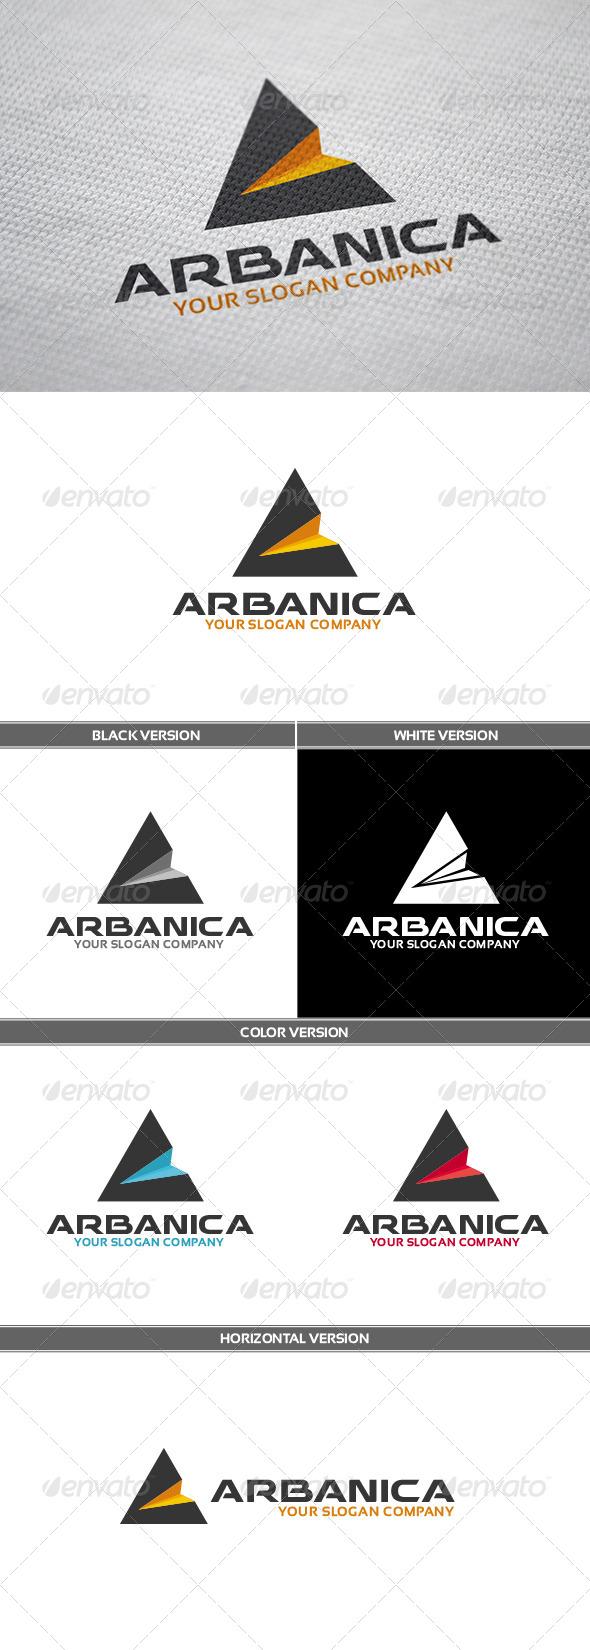 GraphicRiver Arbanica Logo 6715168